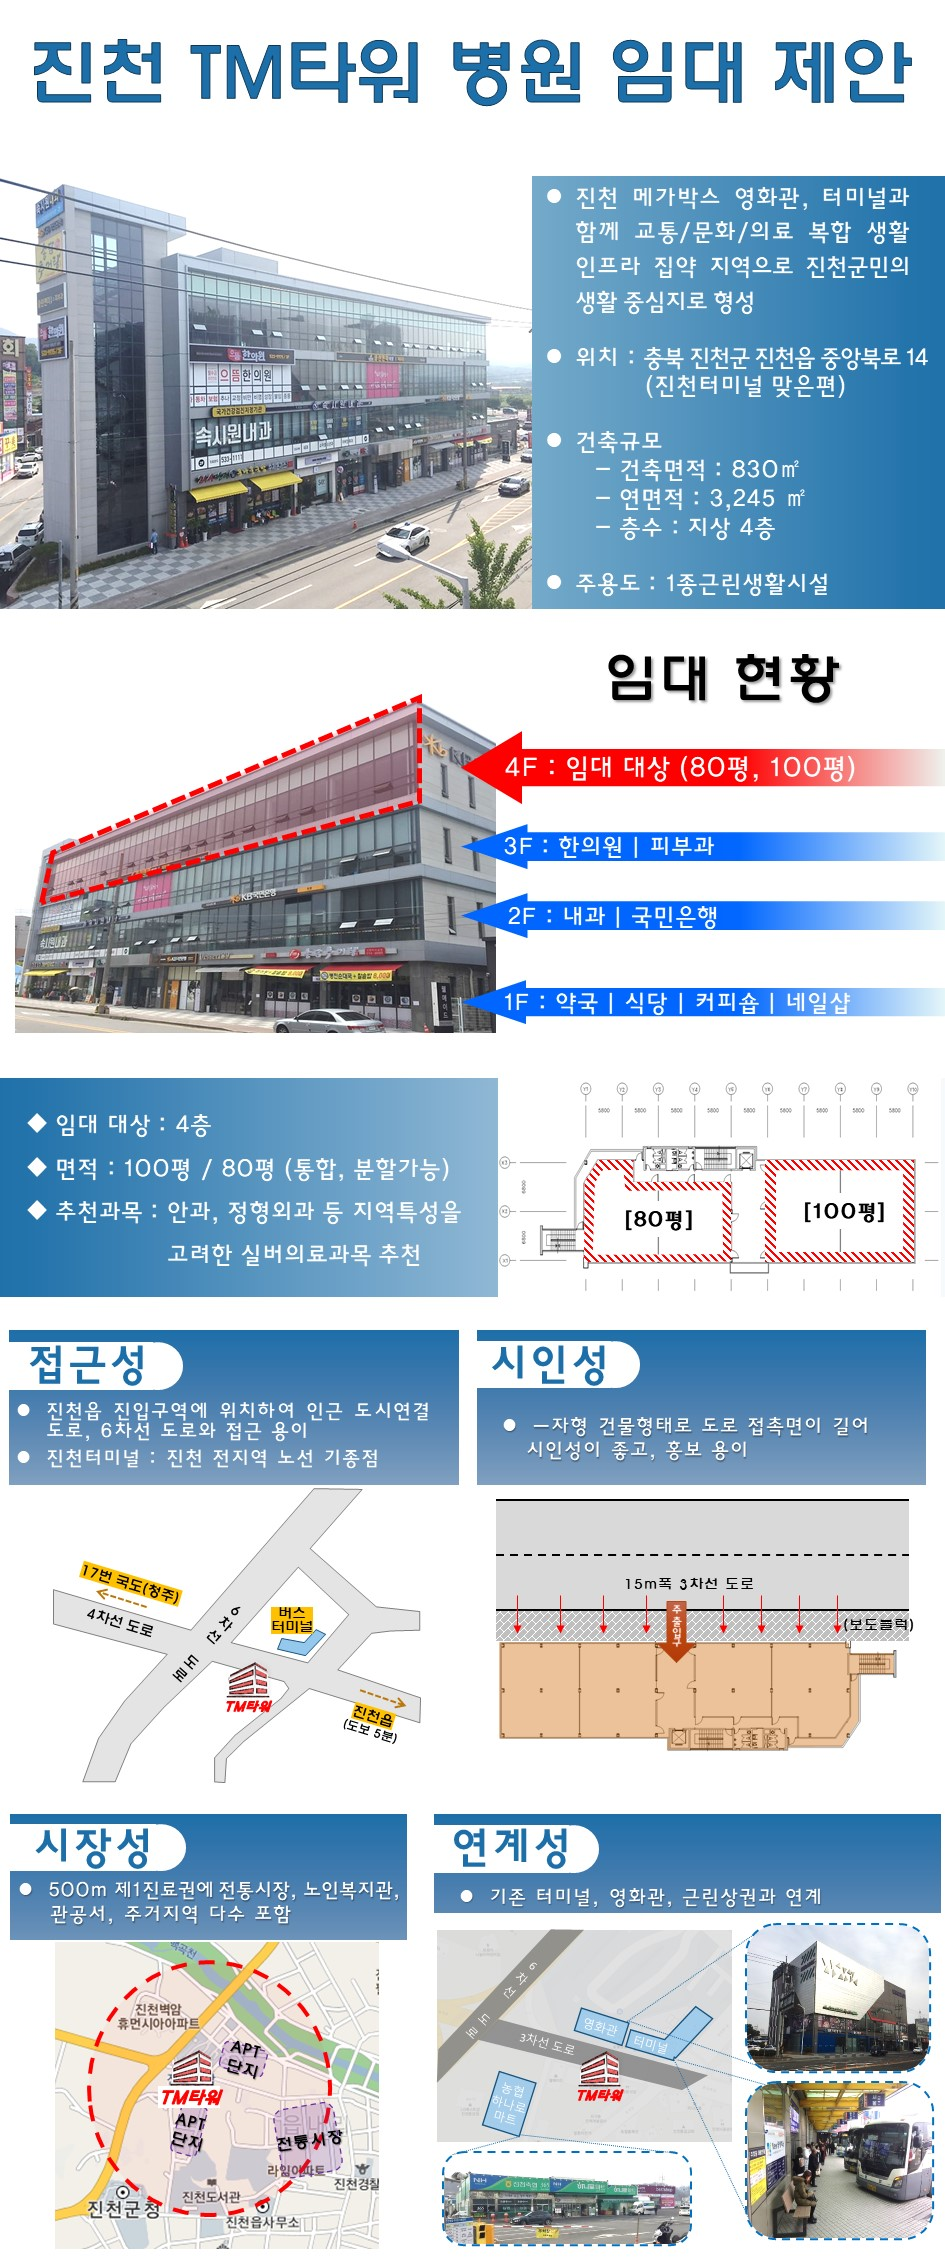 병원 임대 홍보7(20.05.11).jpg